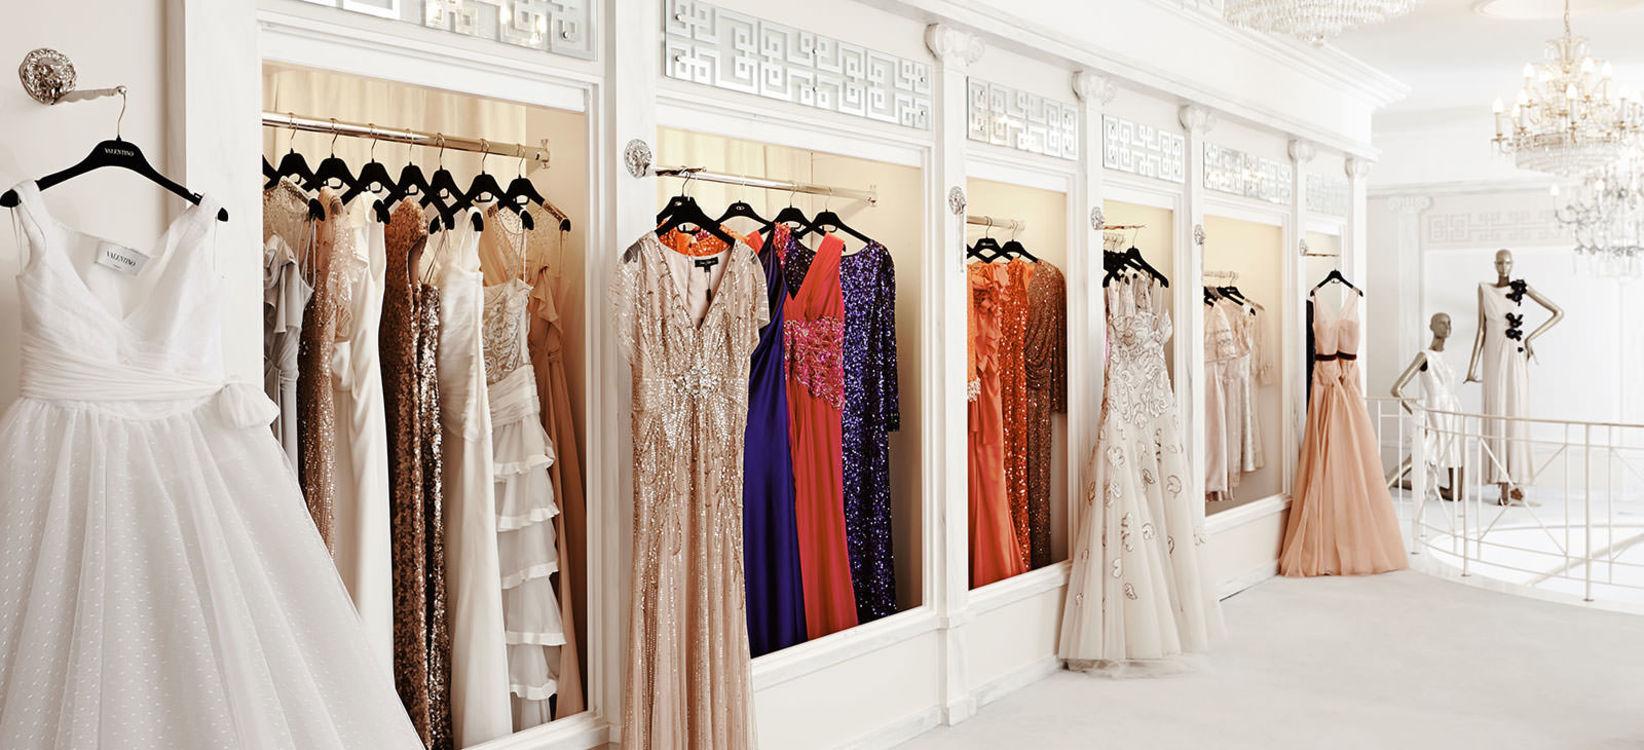 Max Dietl Haute Couture in München (Bild 6)